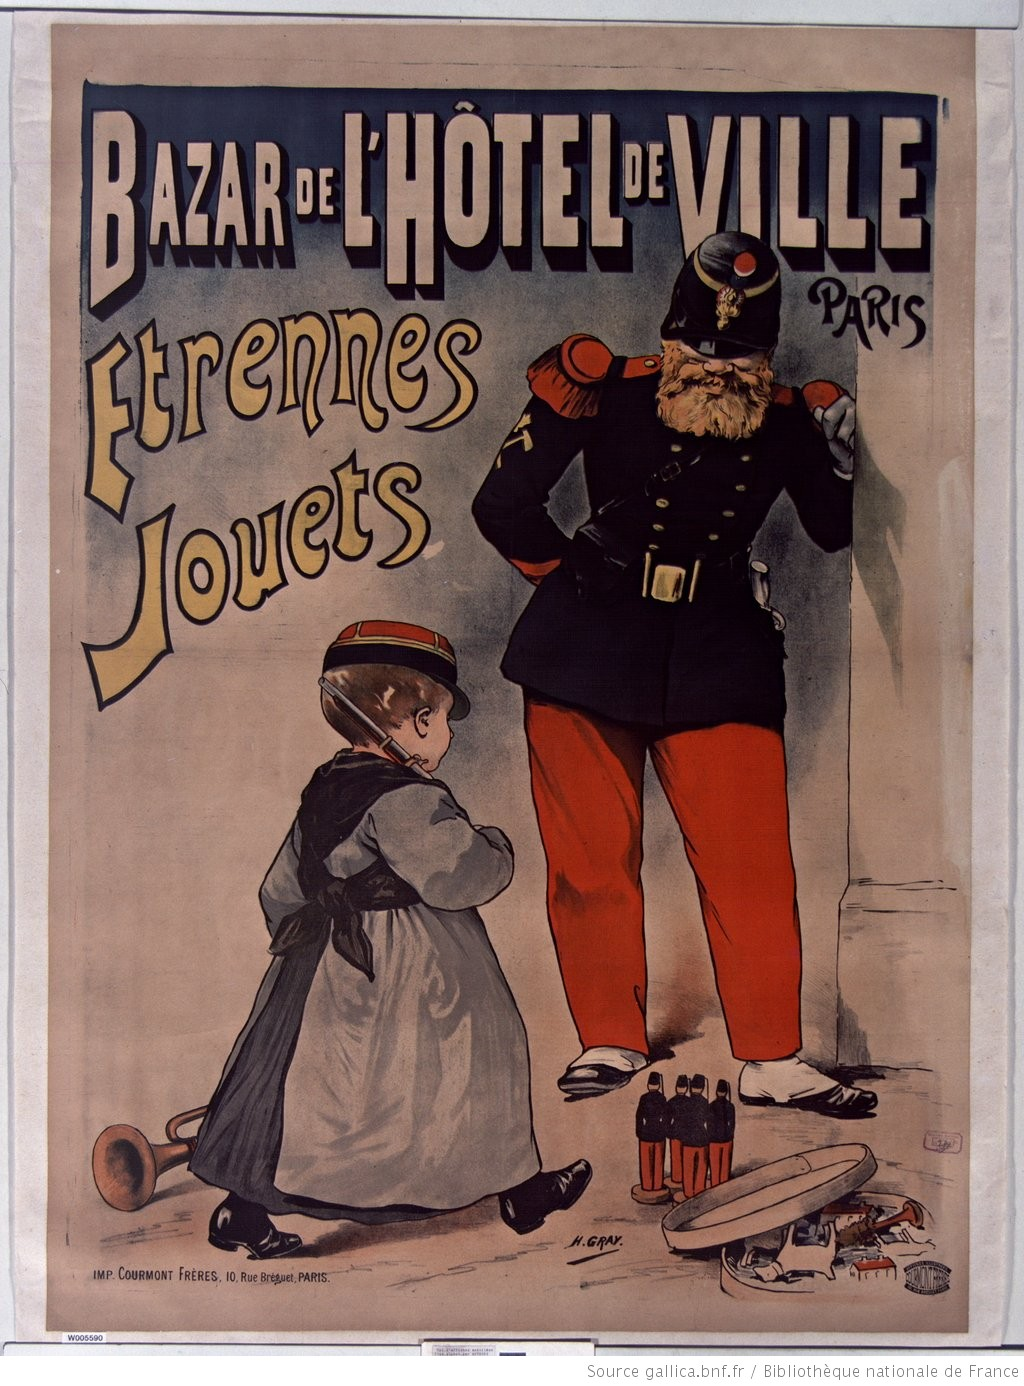 Bazar_de_l'Hôtel_de_Ville_[...]Gray_Henri_btv1b90158746